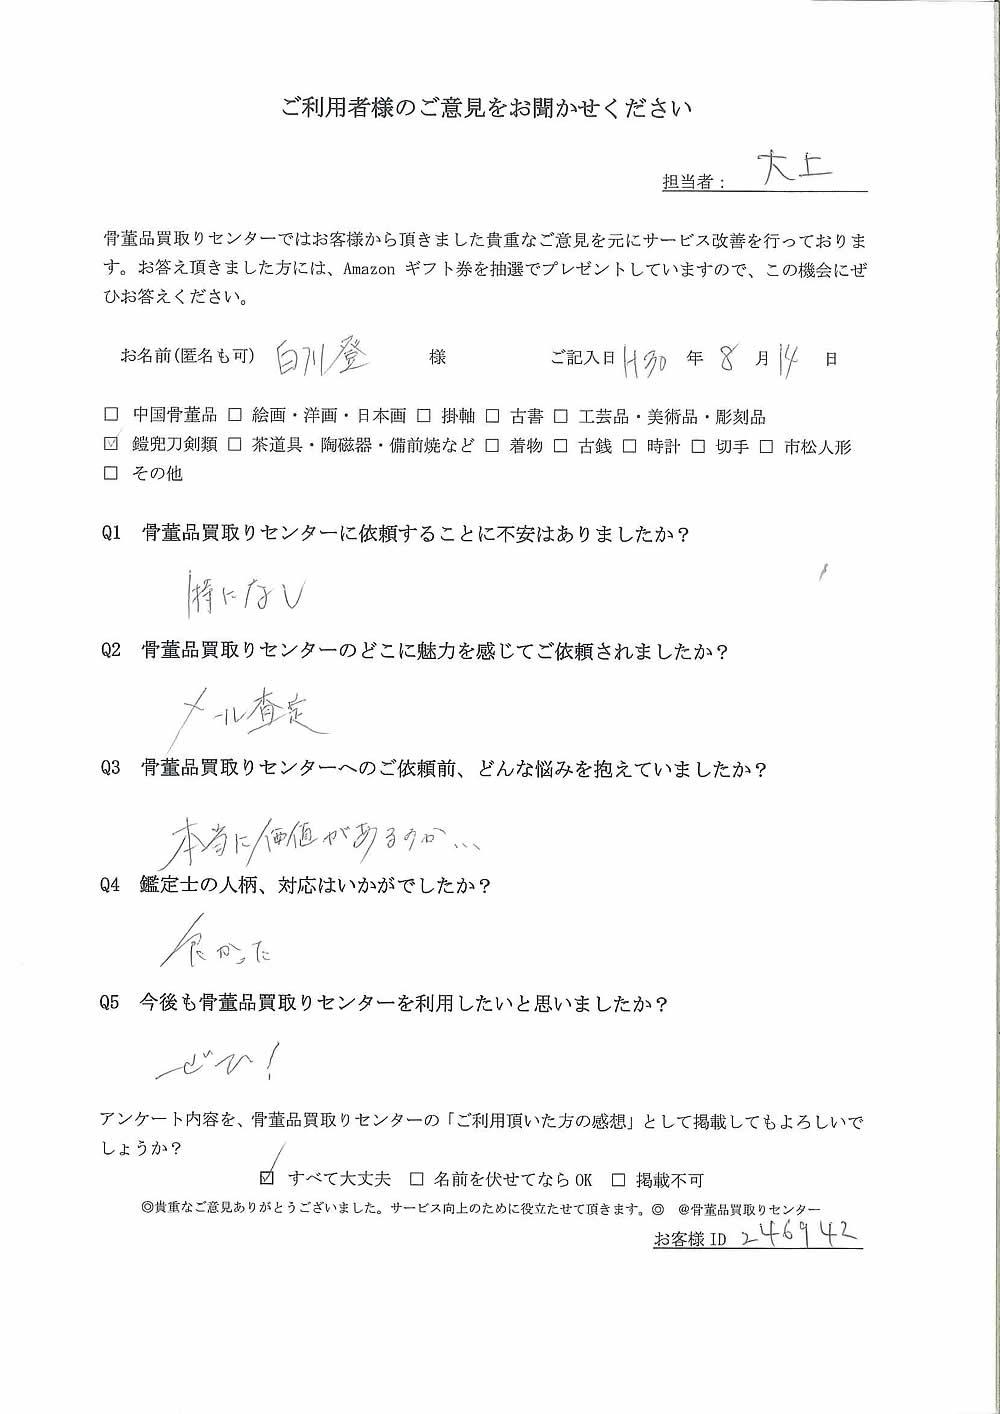 【神戸】鎧兜刀剣類買取り ご利用者様の声